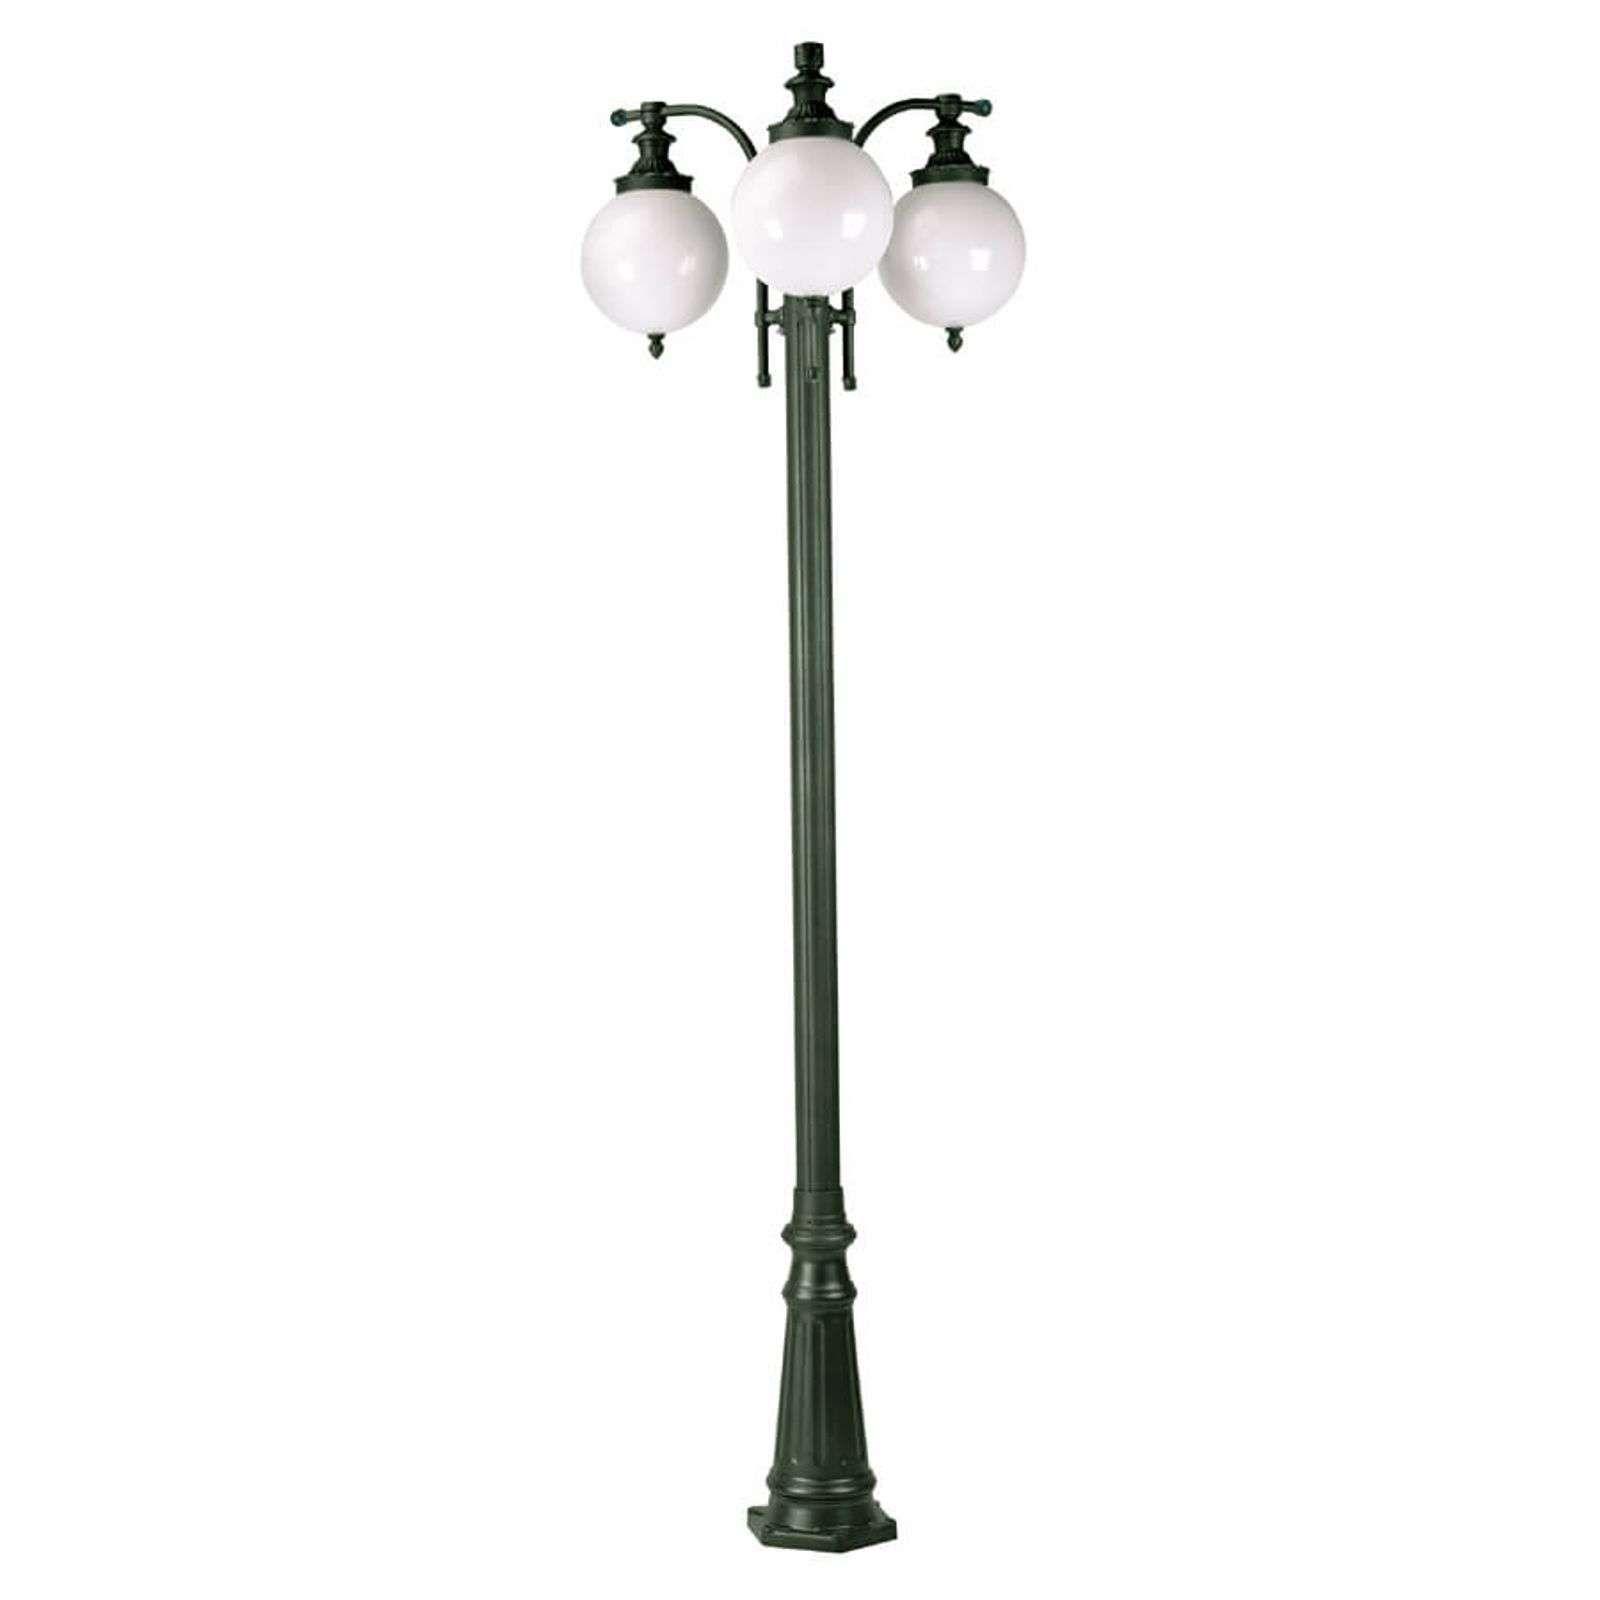 Lampadaire Madeira A 3 Lampes Vert Fonce En 2020 Lampadaire Lampadaire Exterieur Design Et Lampe Verte